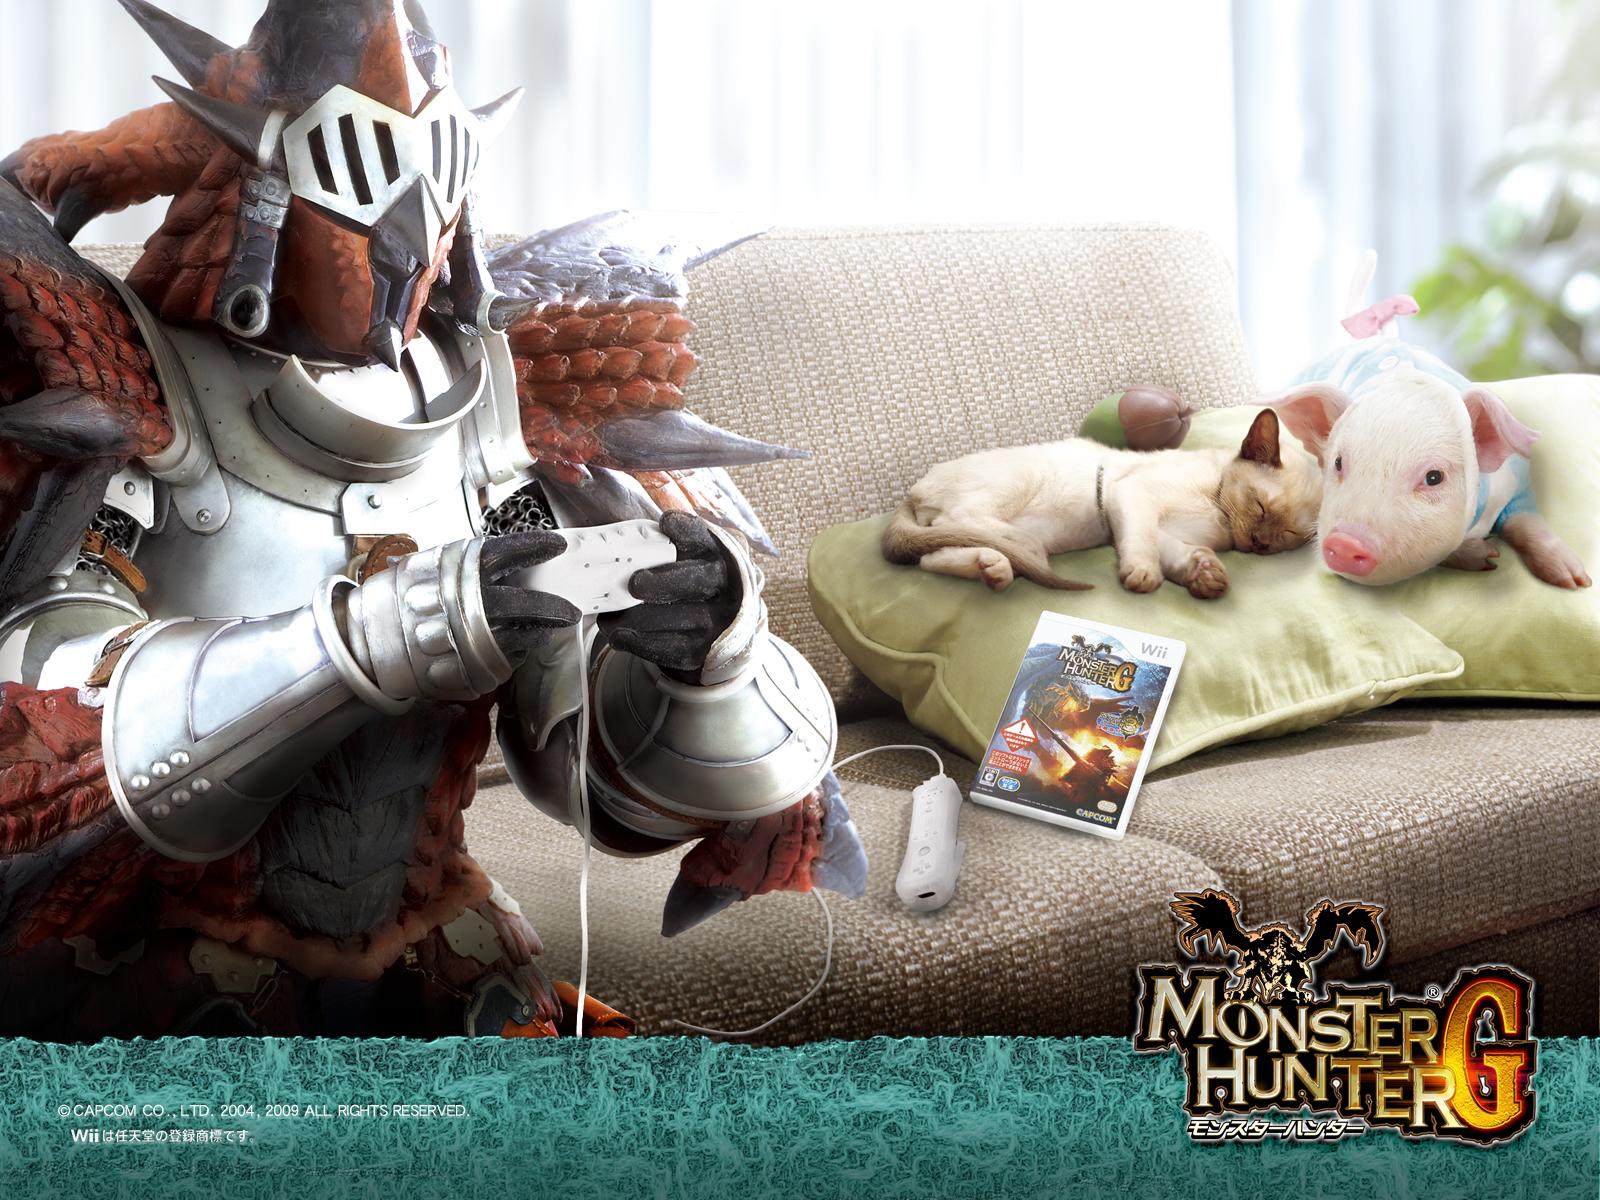 Monster Hunter Wallpaper - Iphone Monster Hunter Mh , HD Wallpaper & Backgrounds